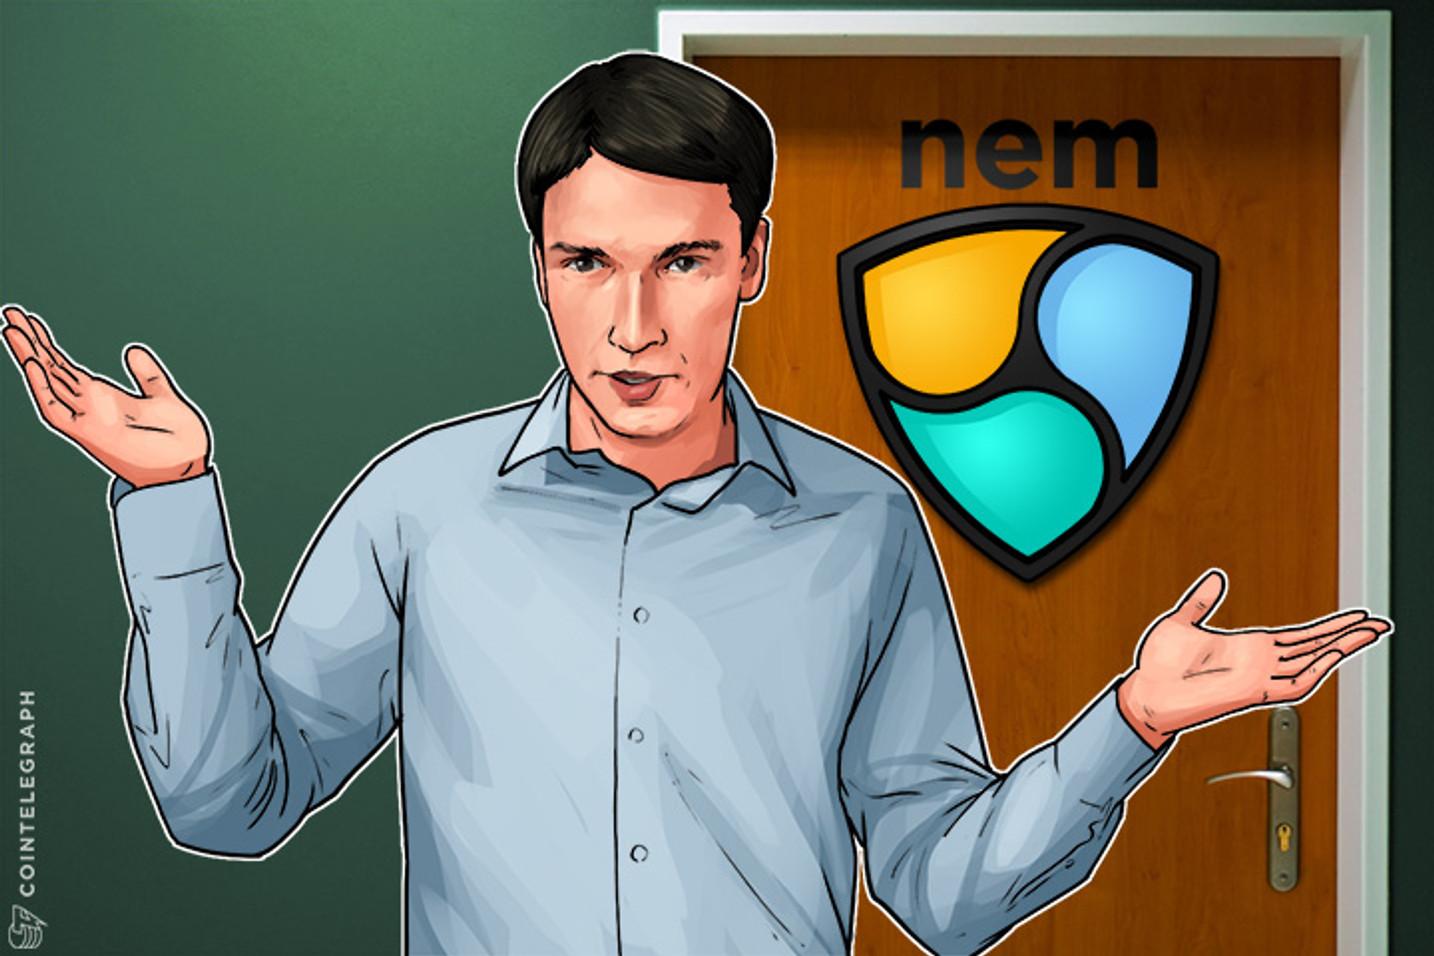 Nikkei Was Wrong to Claim Takemiya Was Founder of NEM, Leading Japanese Blockchain